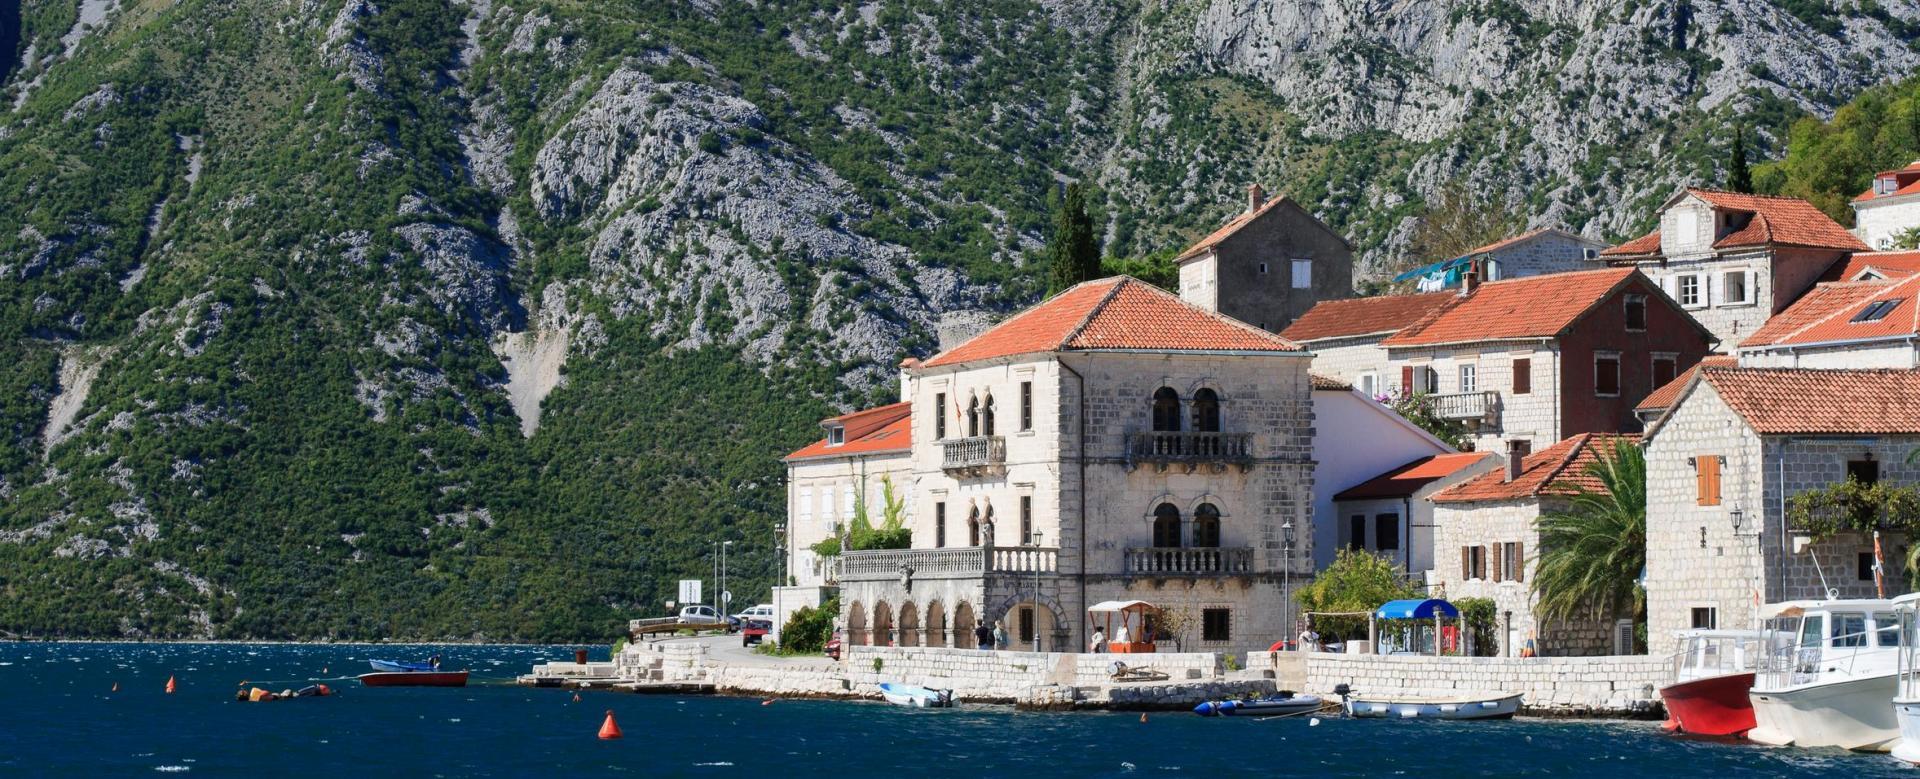 Voyage à pied Montenegro : Insolite monténégro